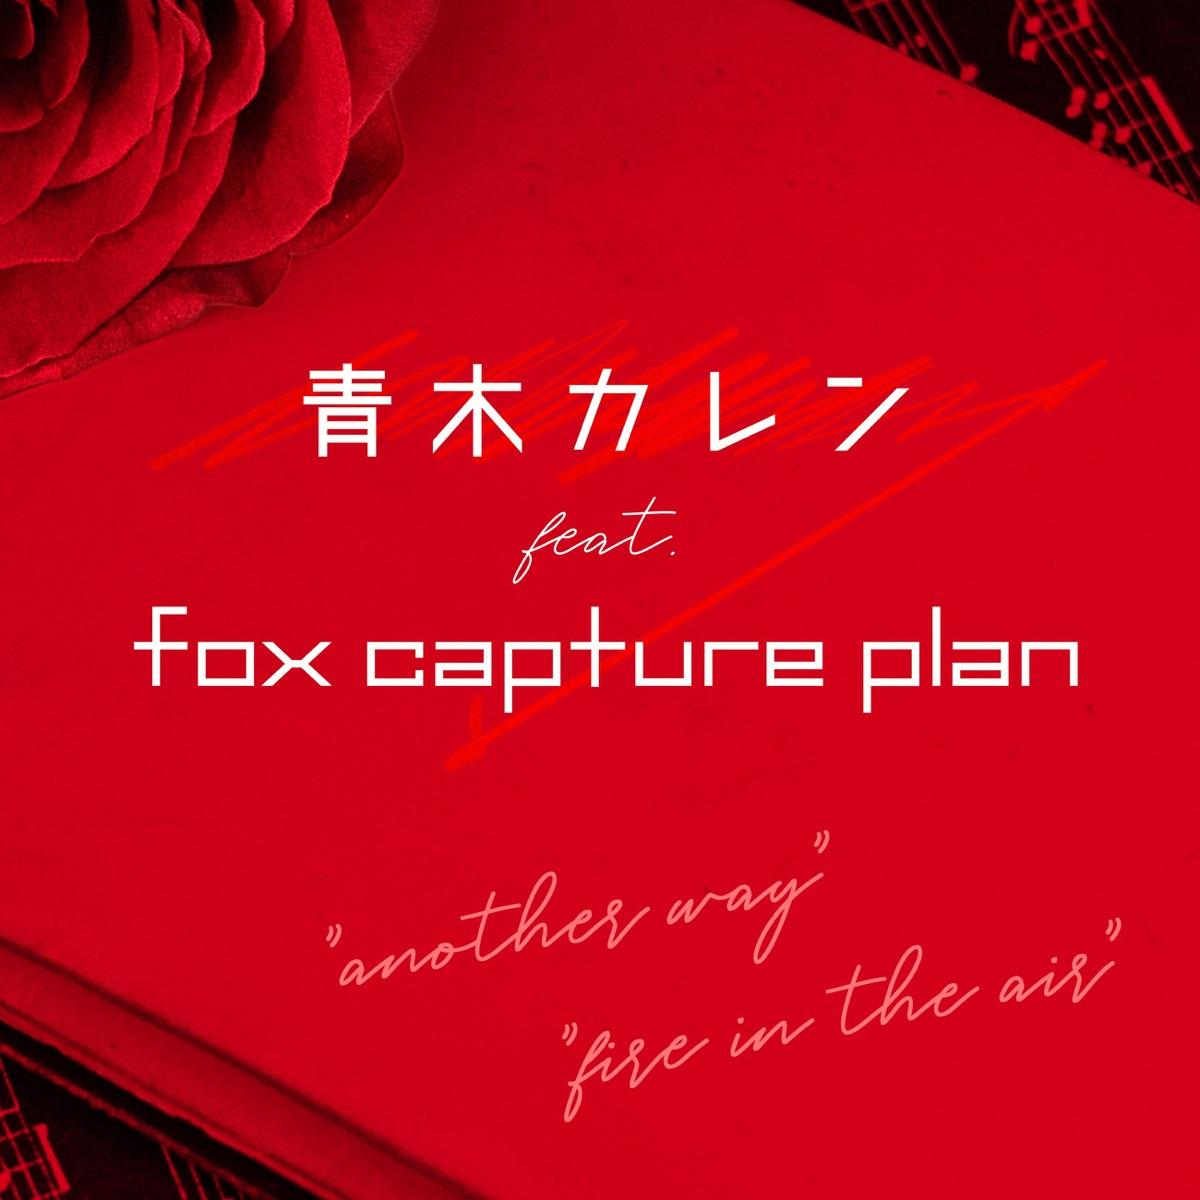 『青木カレン - fire in the air (feat. fox capture plan) 歌詞』収録の『another way (feat. fox capture plan)』ジャケット